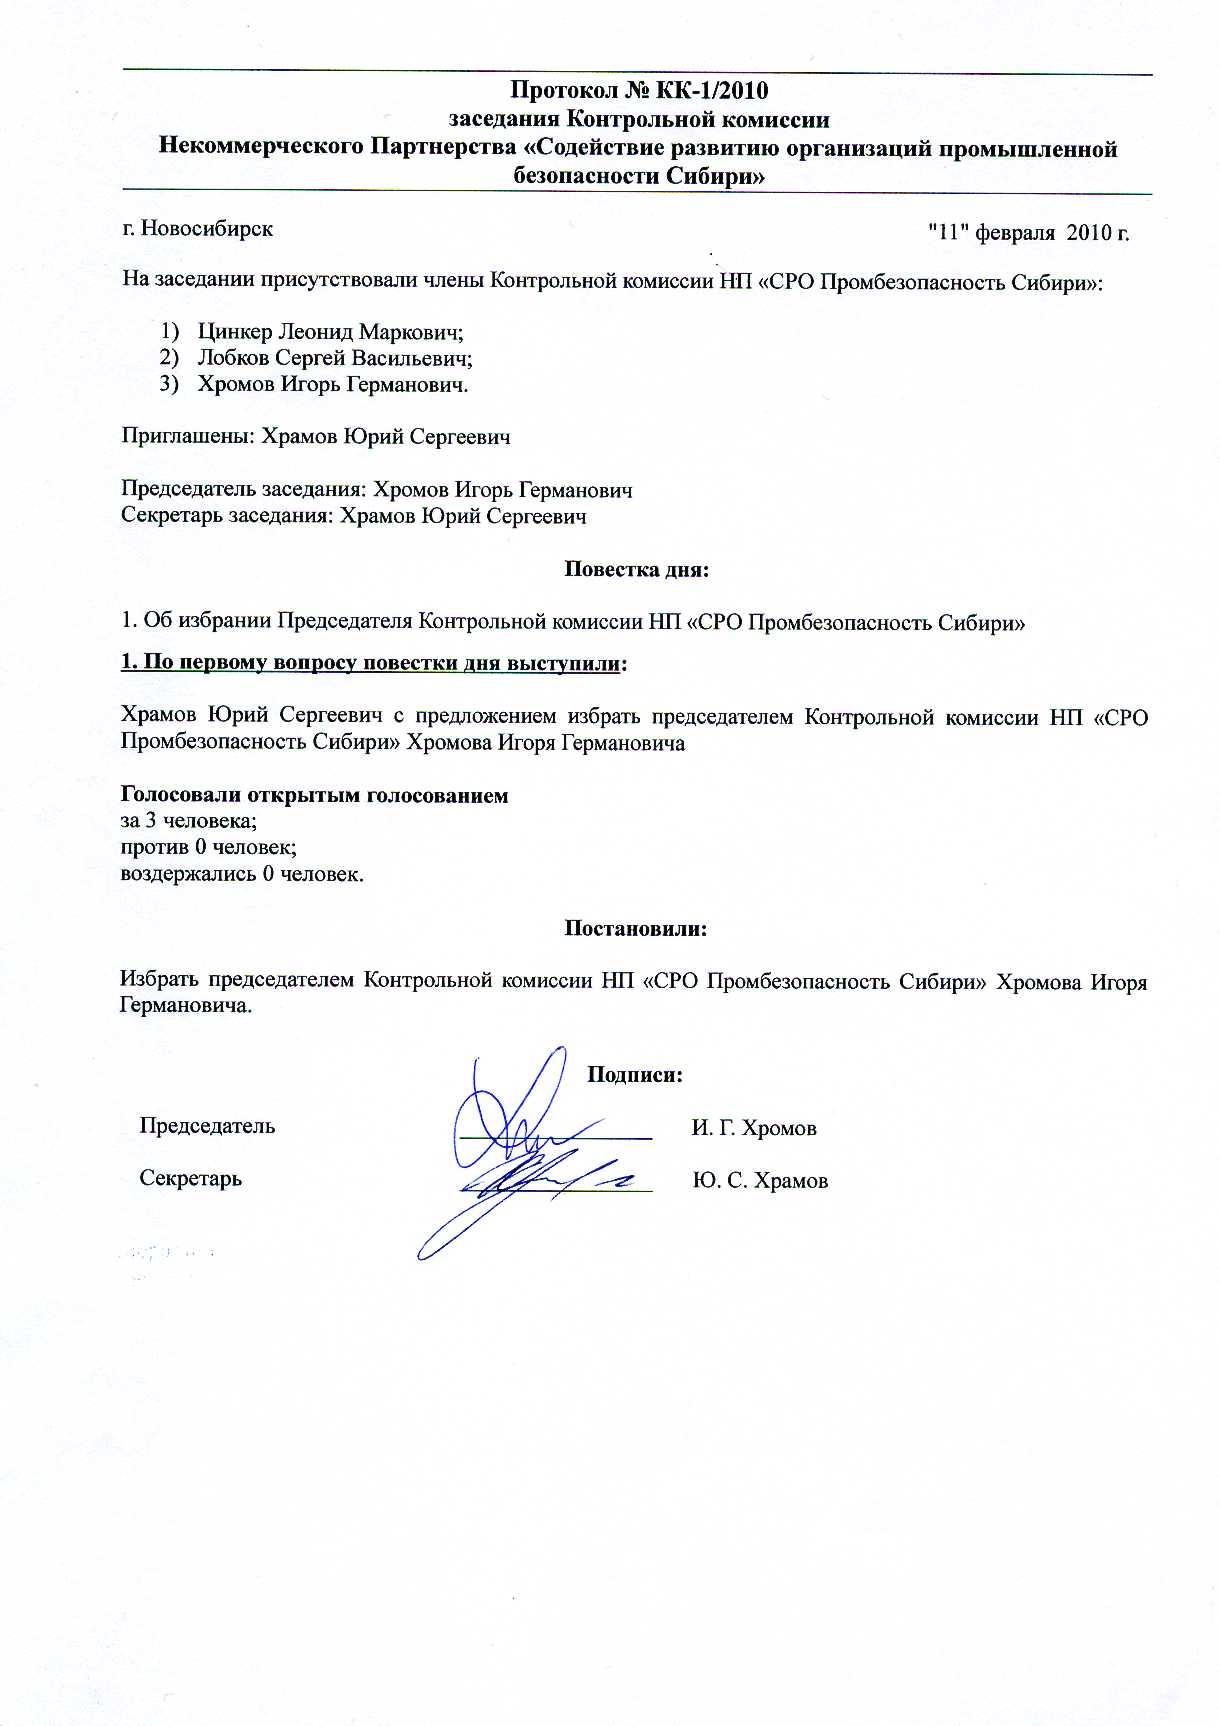 Контрольная комиссия НП СРО Промбезопасность Сибири  Протокол № КК1 заседания Контрольной комиссии НП СРО Промбезопасность Сибири 11 02 2010 г Новосибирск jpg 128 kb